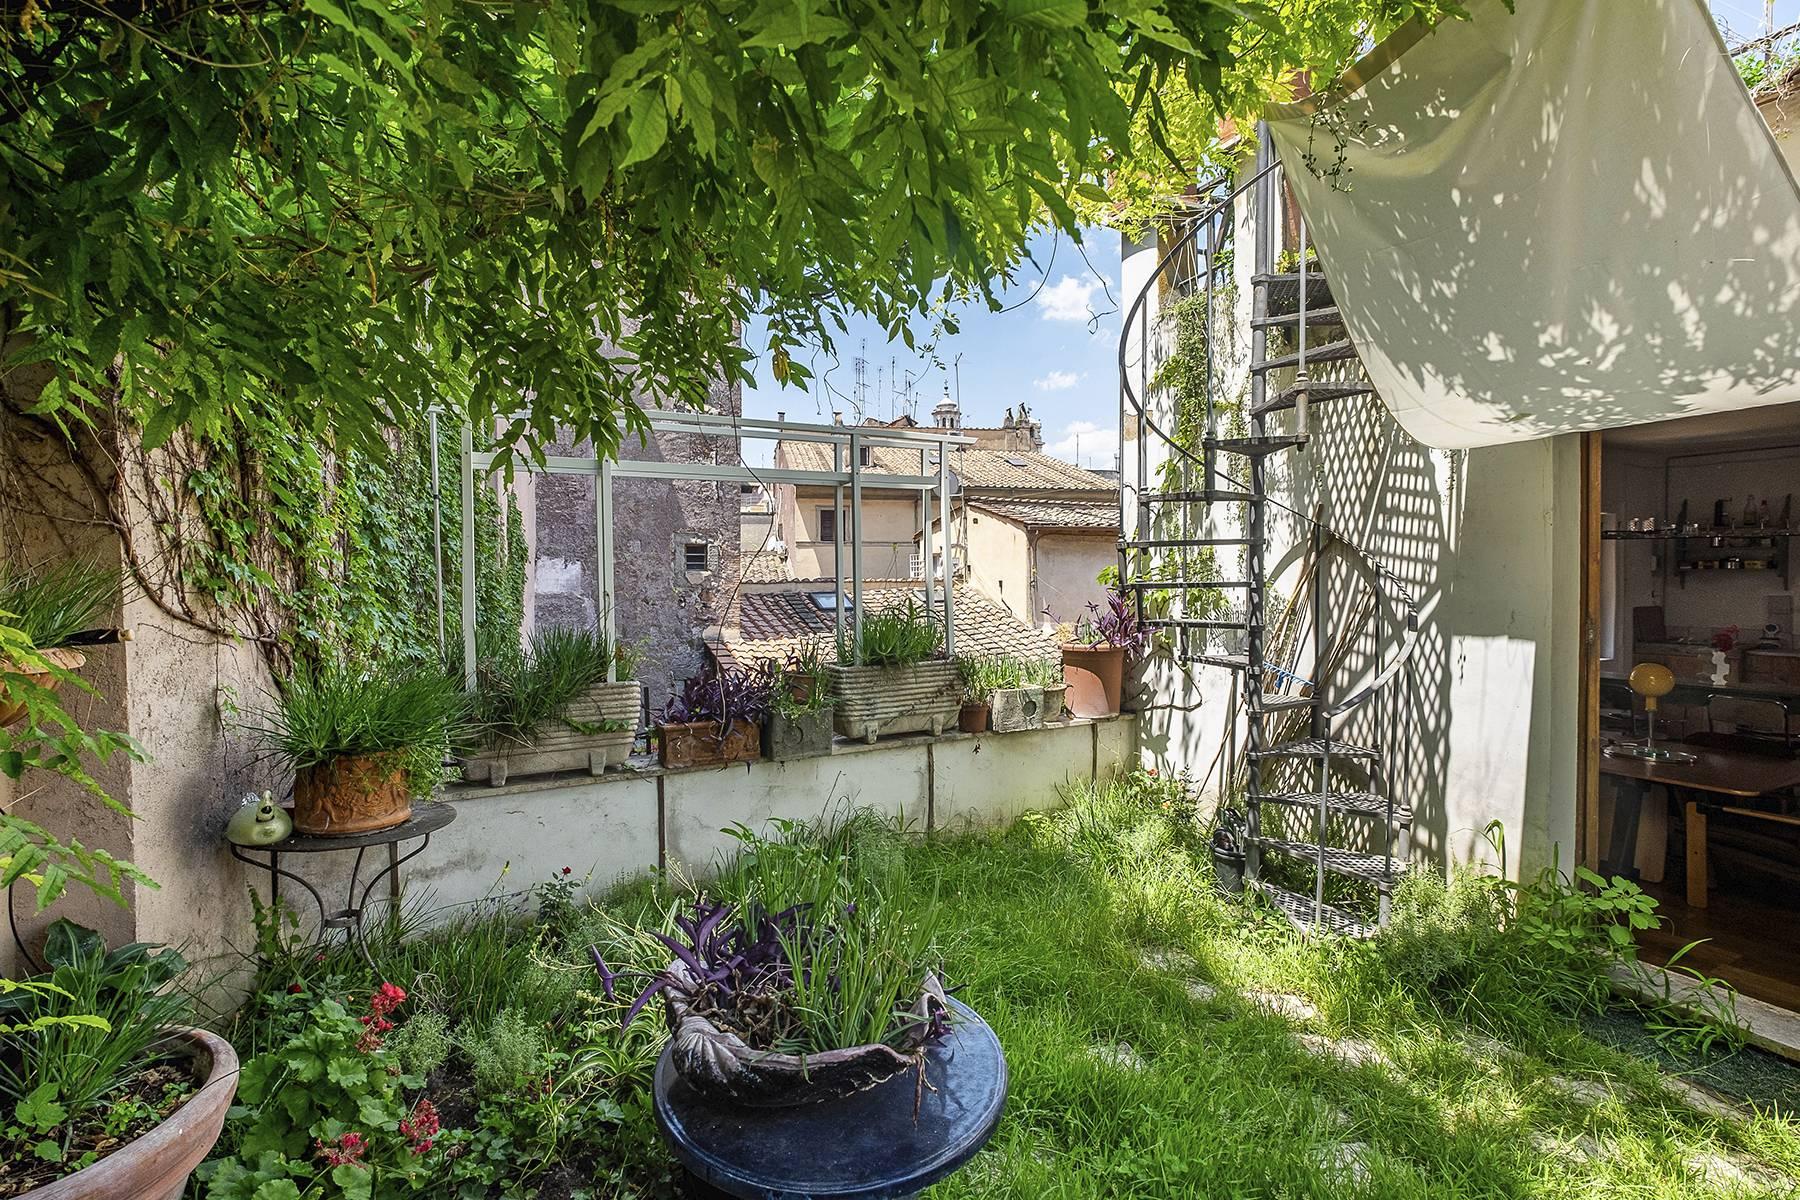 Attico in Vendita a Roma: 5 locali, 302 mq - Foto 4